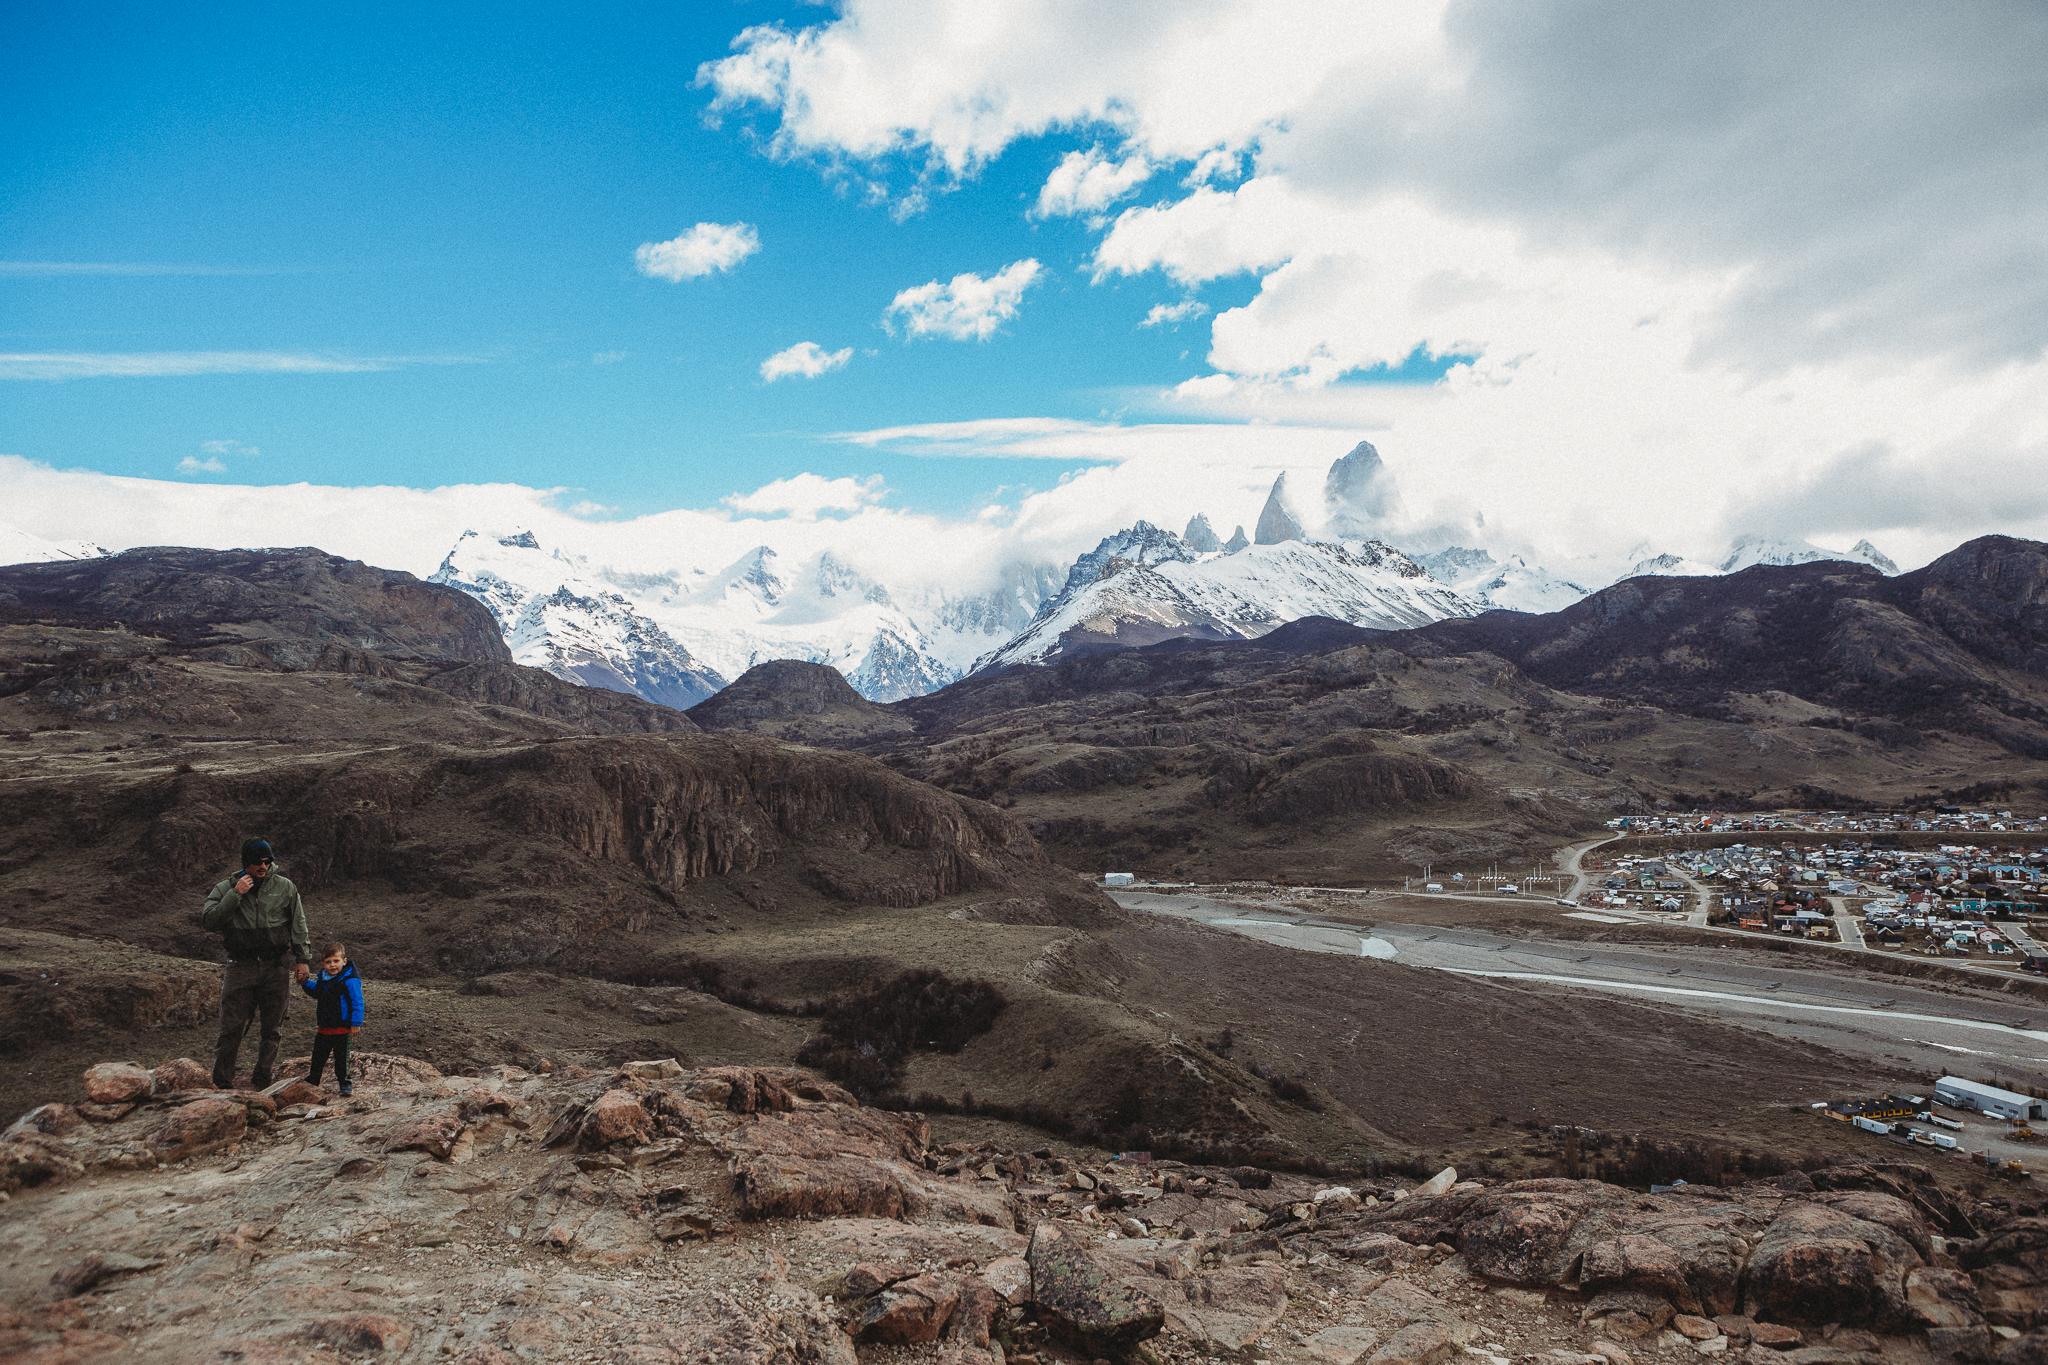 El Calafate, El Chalten, Perito Moreno, Parque Nacional Los Glaciares, Argentina, Buenos Aires-110.jpg